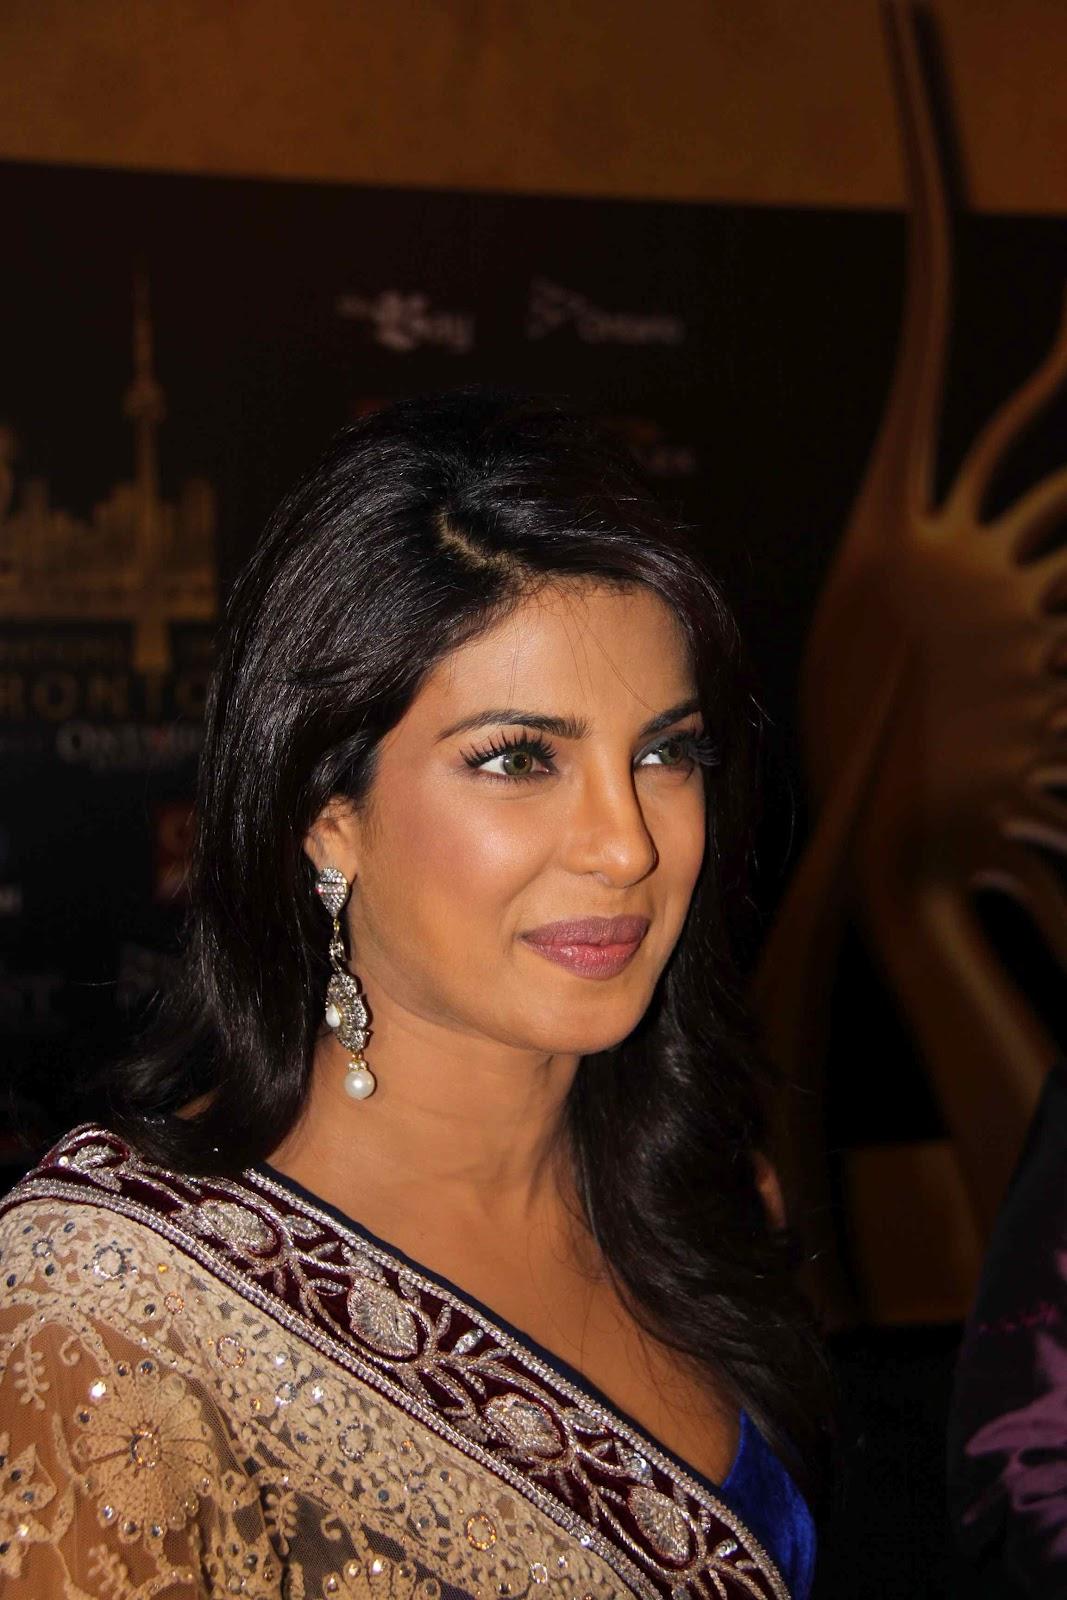 http://1.bp.blogspot.com/-QfPcR4Do2R0/UCHVDxnxVCI/AAAAAAAAA8E/tMJFfdYyzYk/s1600/Priyanka-Chopra-at-IIFA-Awards-2011-3.jpg